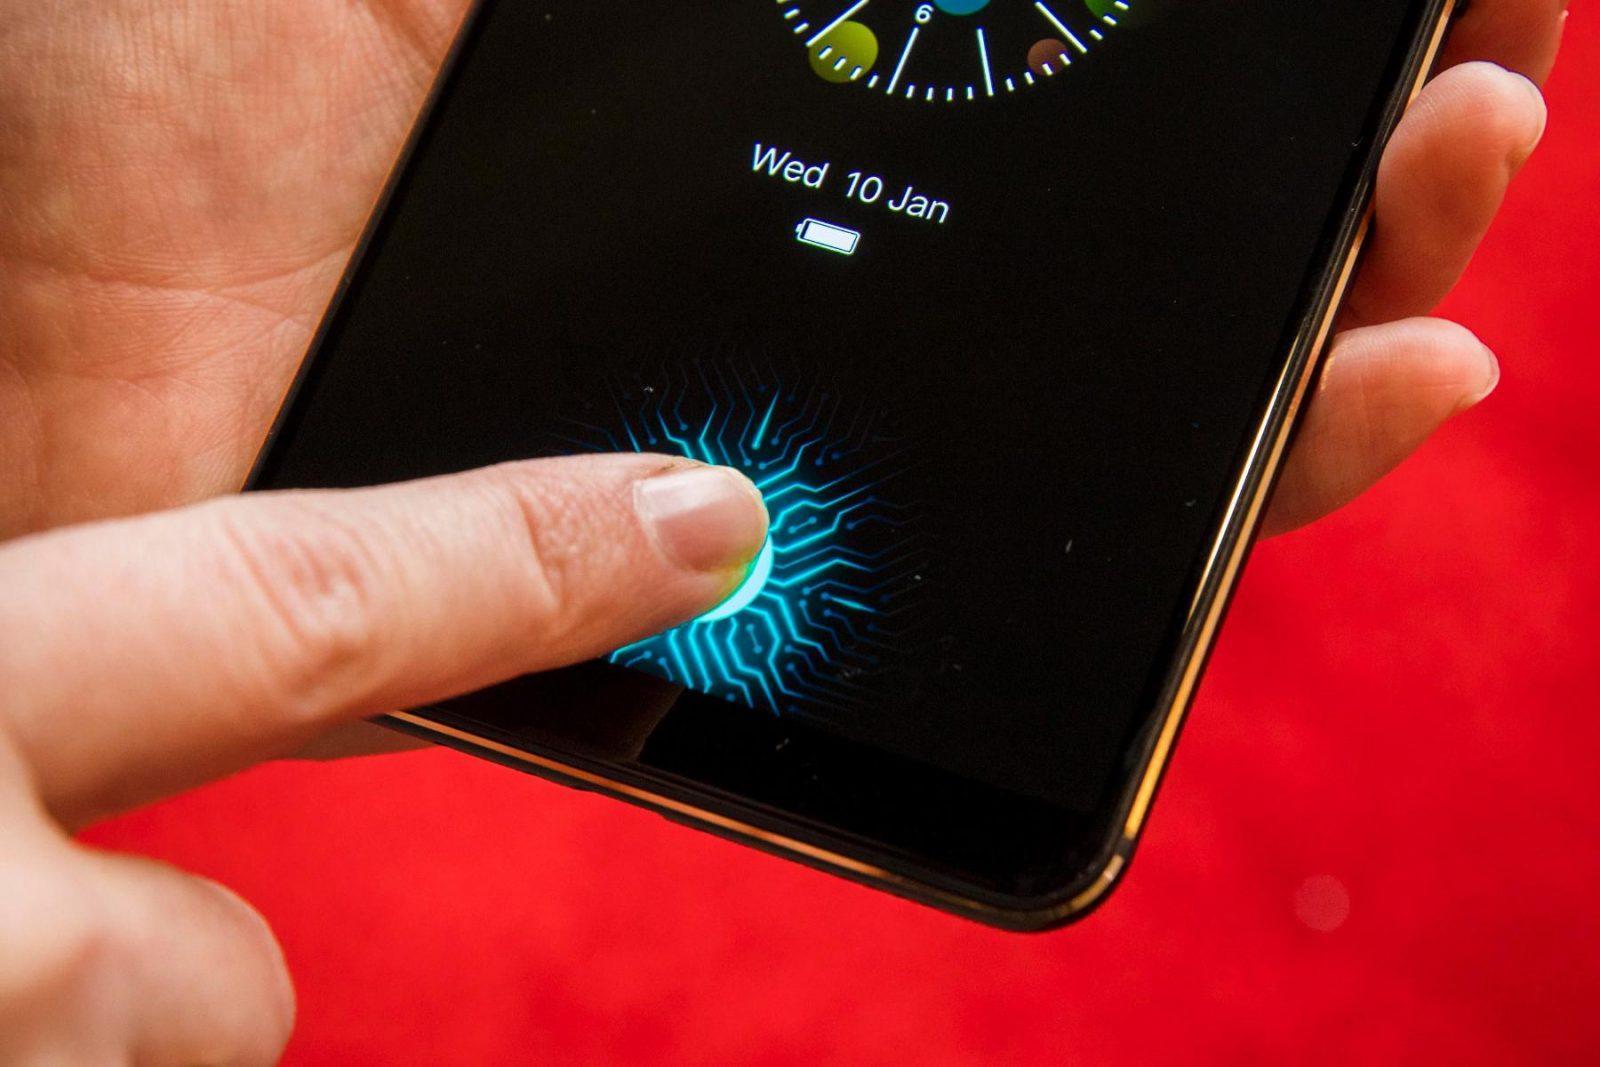 Сканер отпечатка пальца вмонтирован в экран